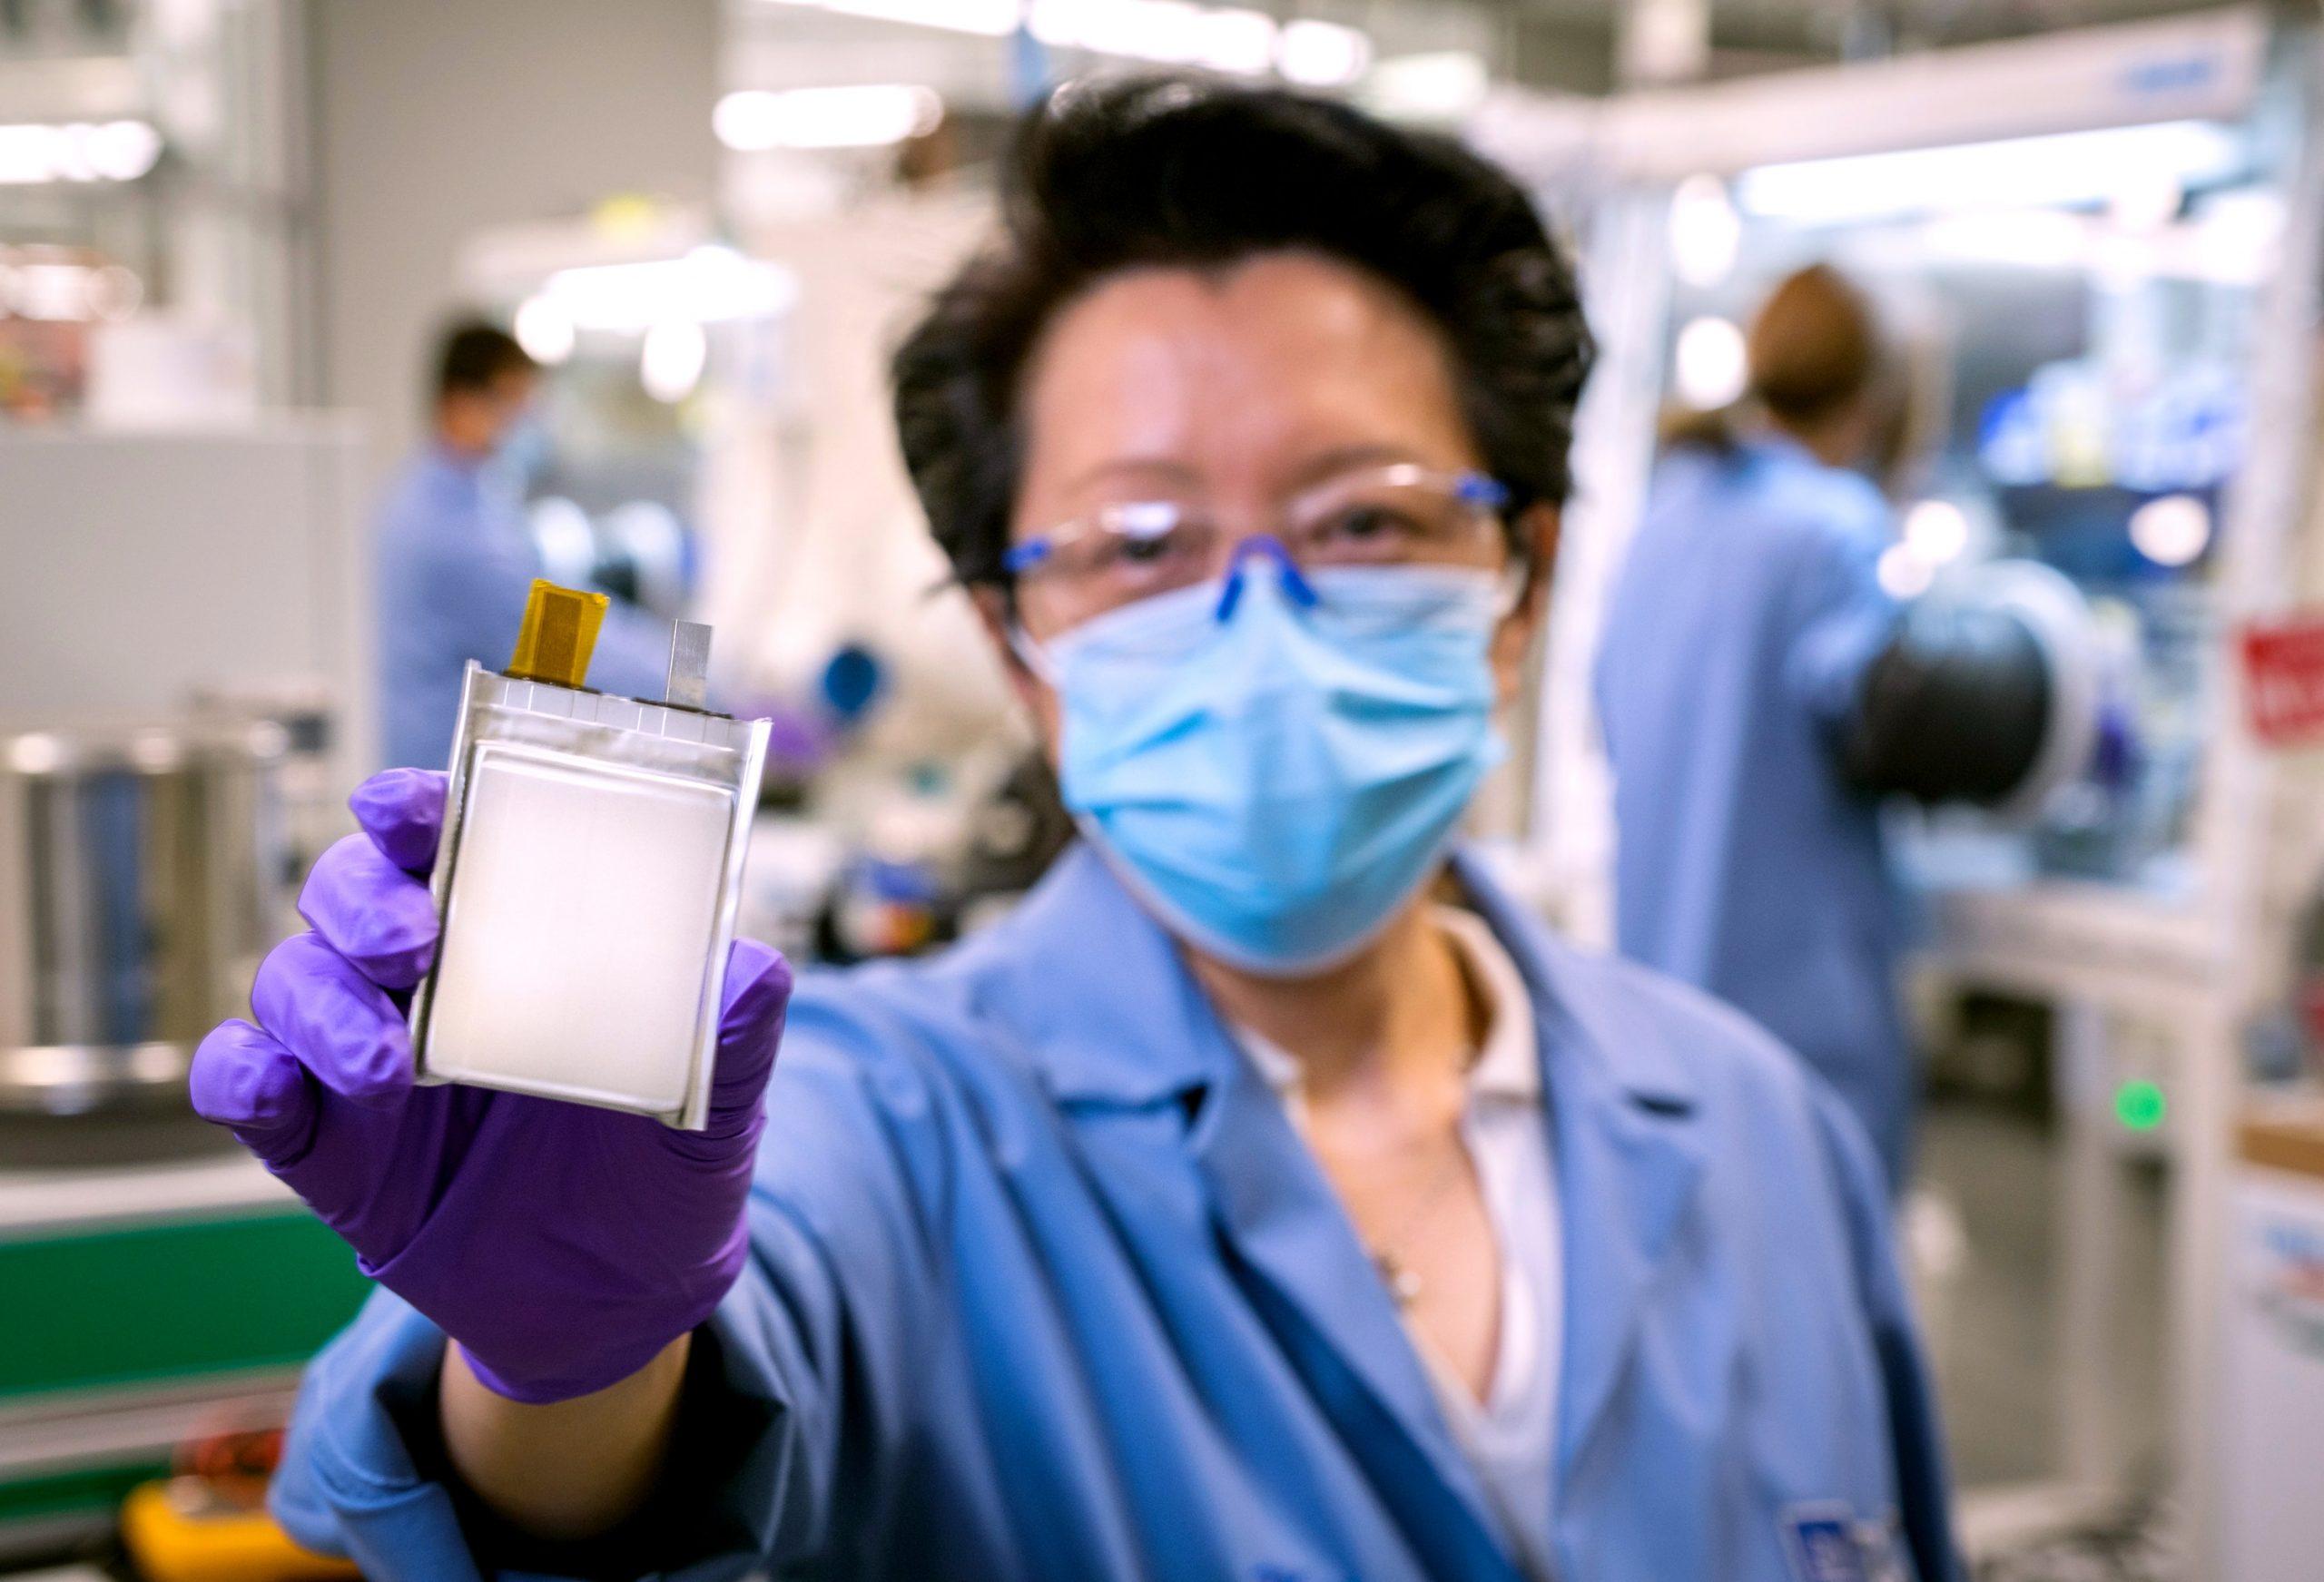 funcionario da general motors gm de mascara e uniforme azul mostra bateria ultium desenvolvida pela empra nos eua